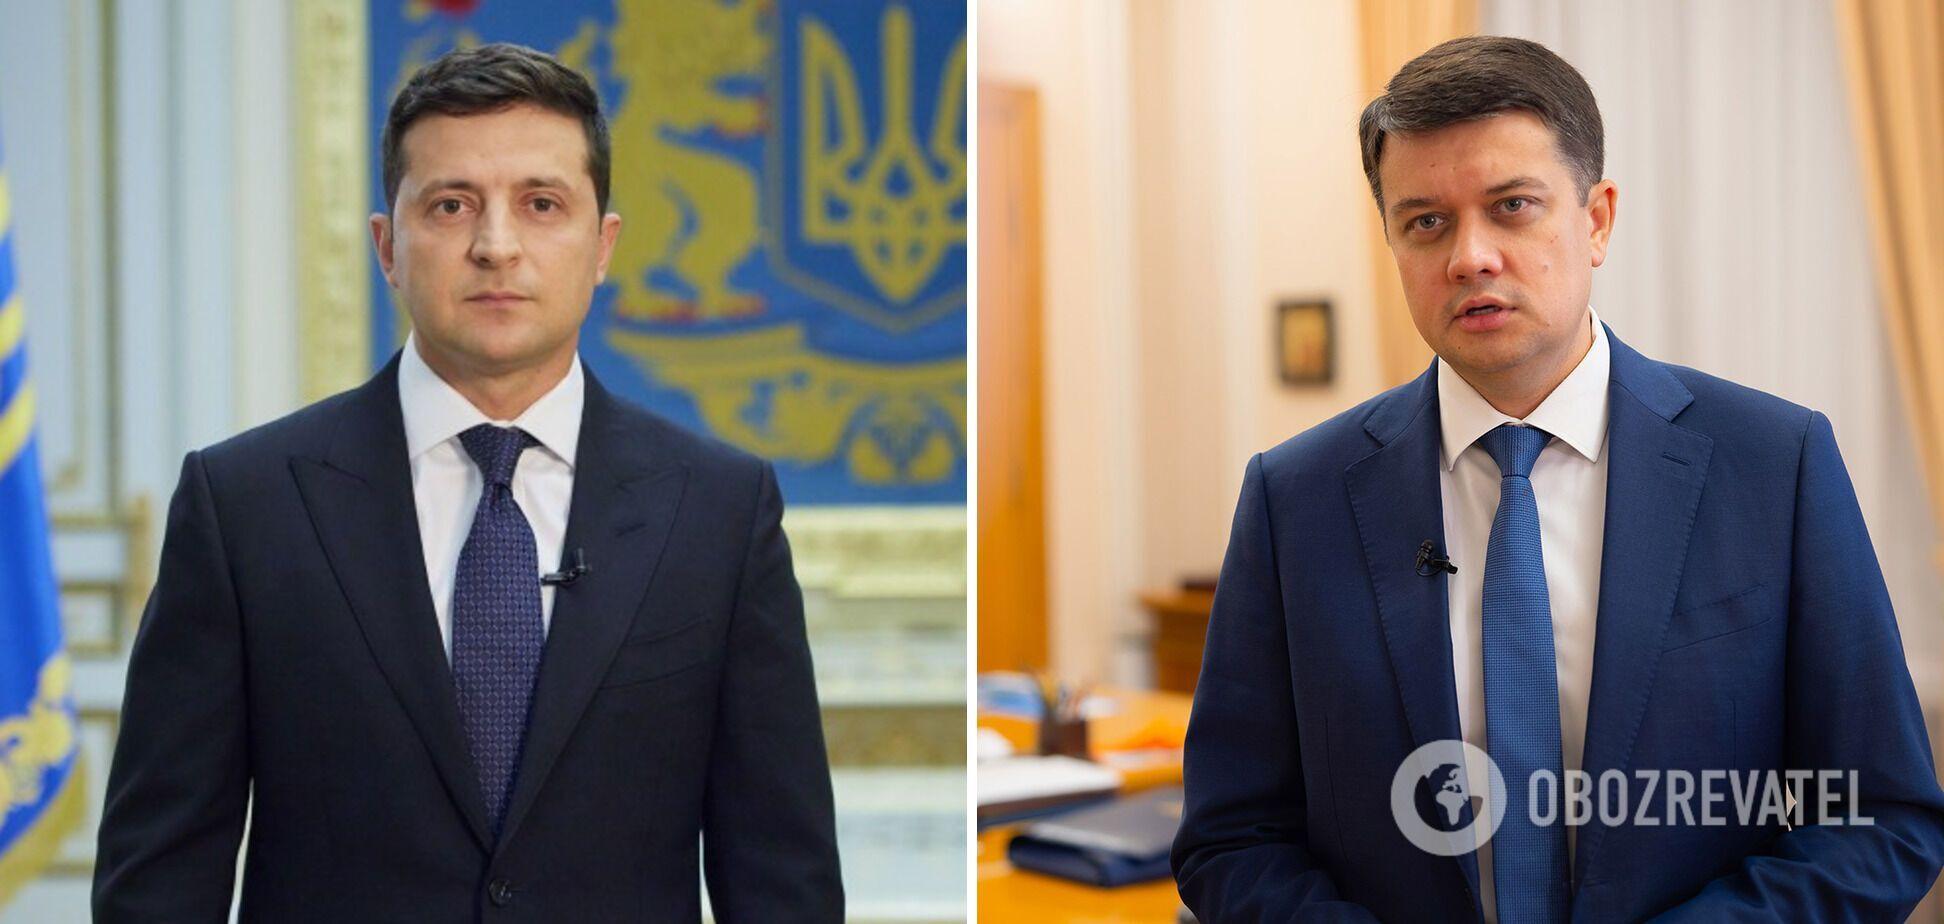 Володимир Зеленський і Дмитро Разумков